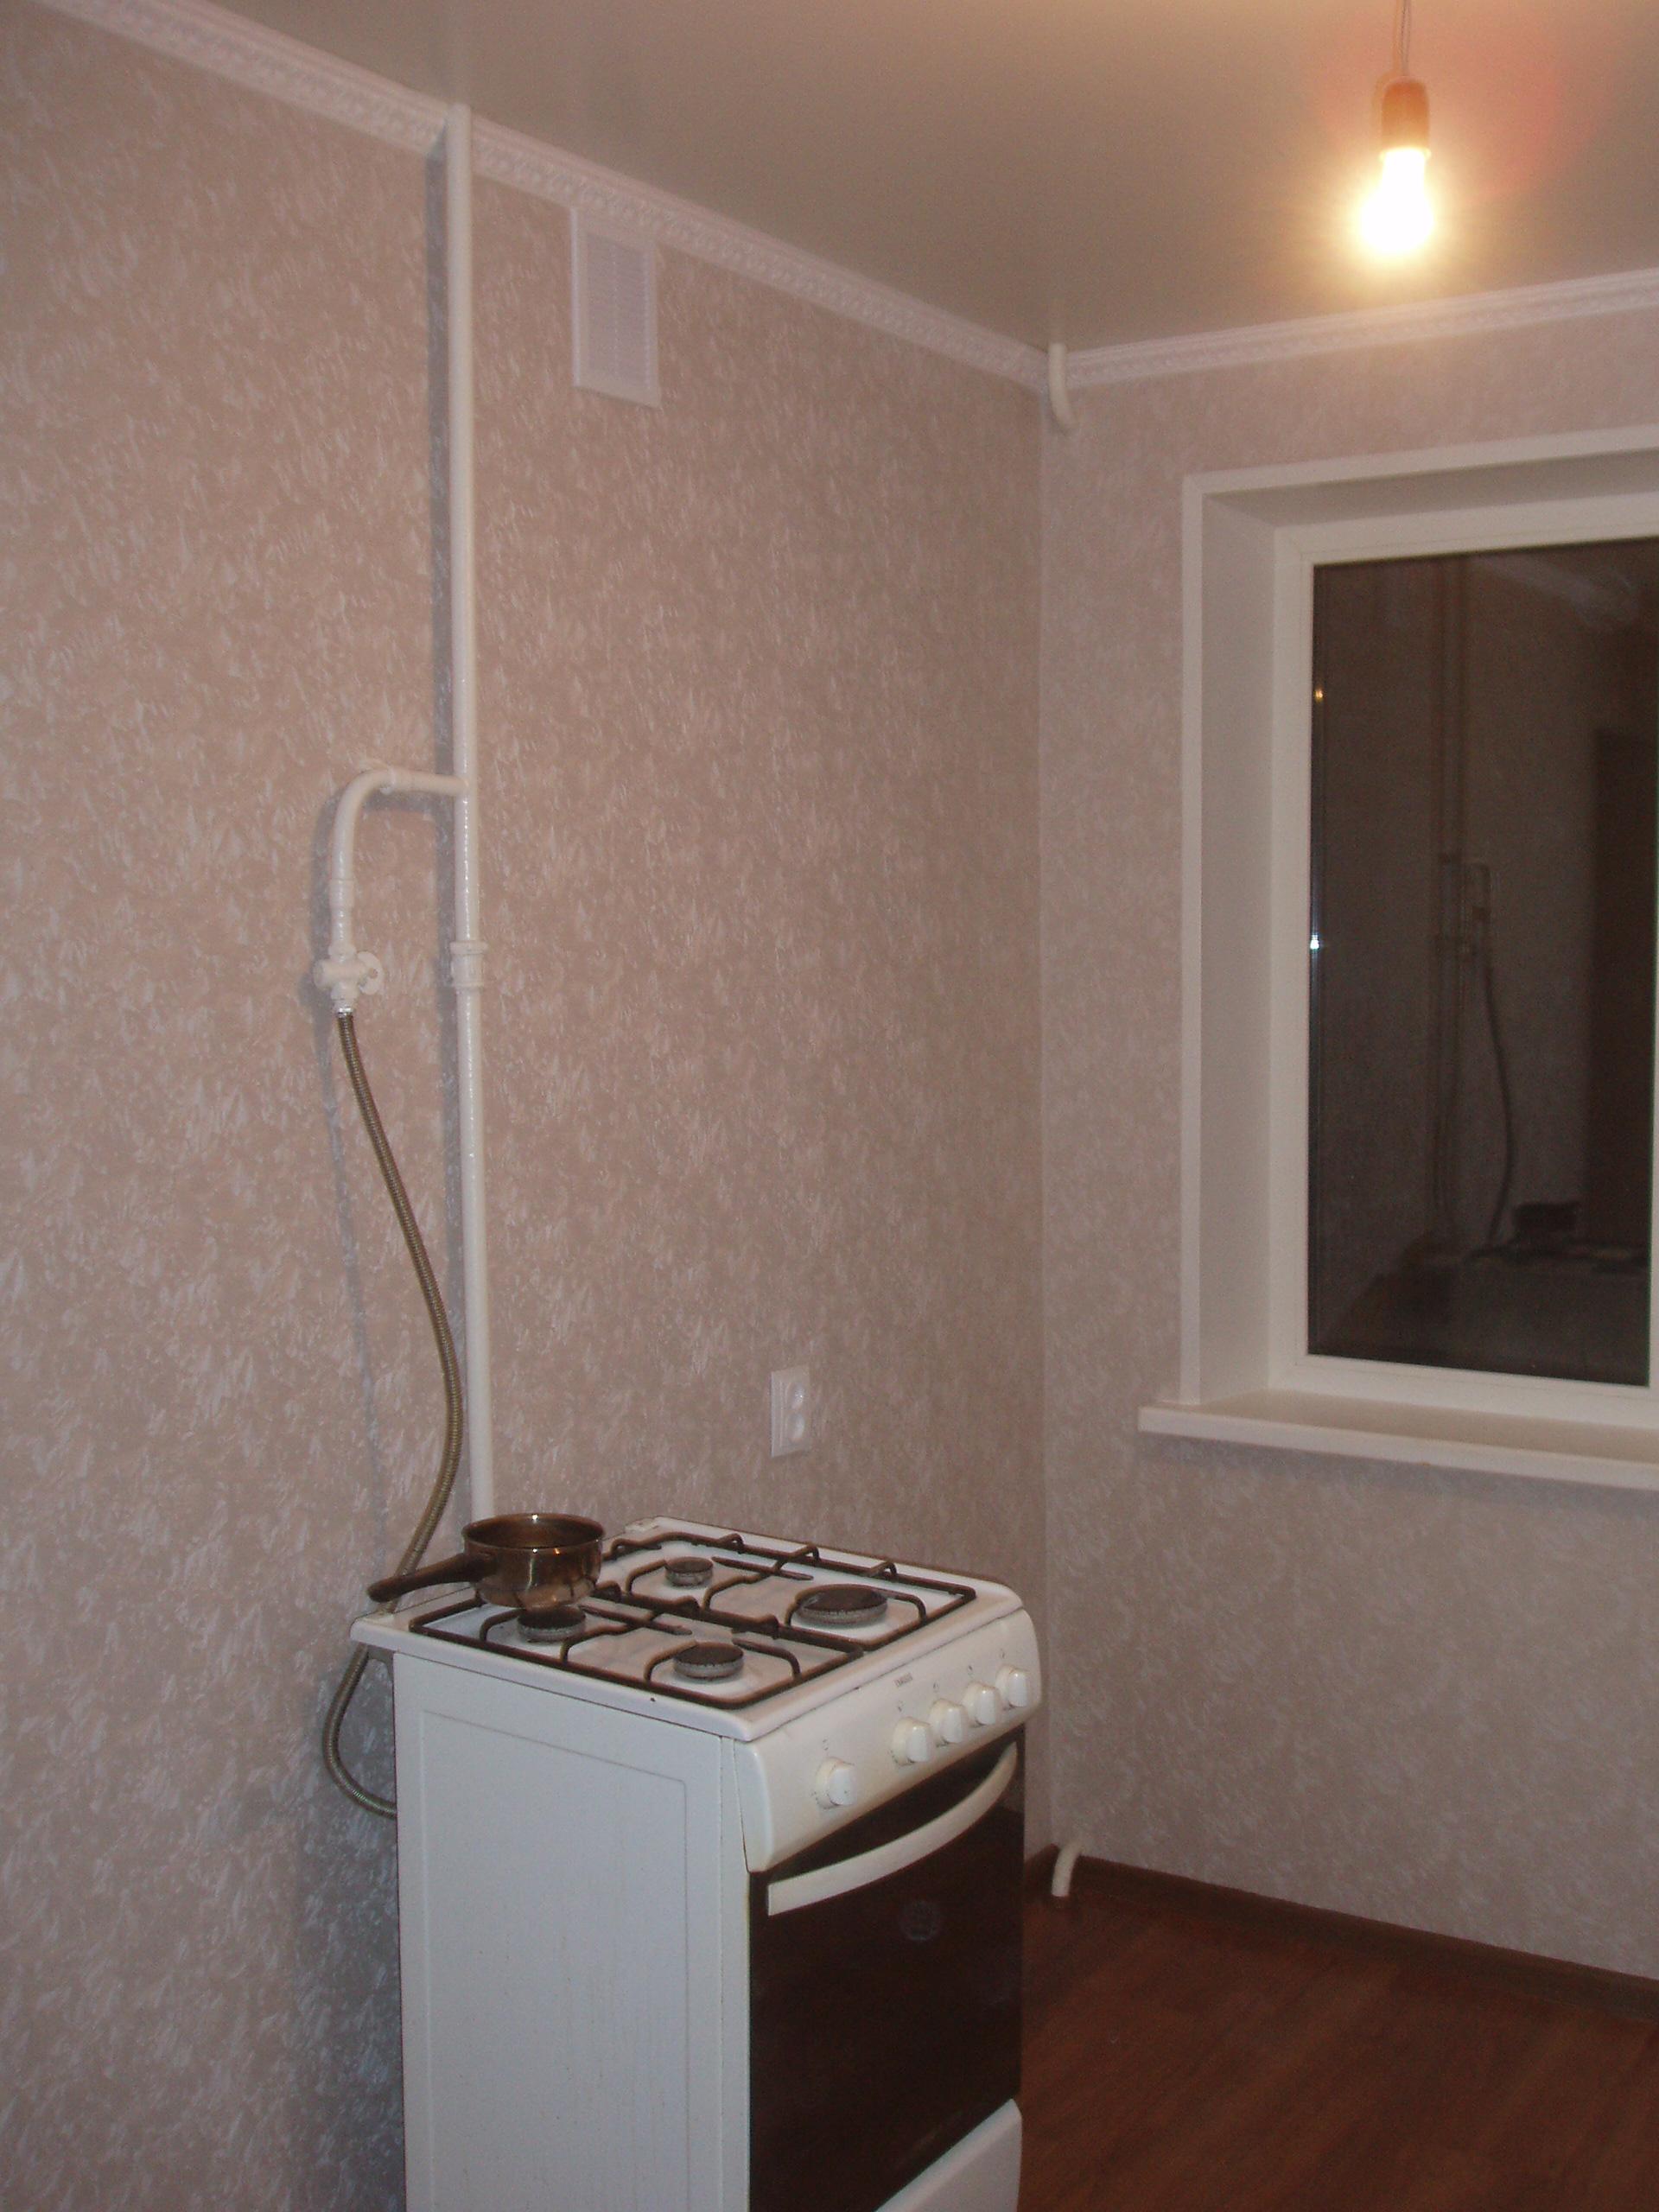 Ремонт кухни фото ремонт квартир